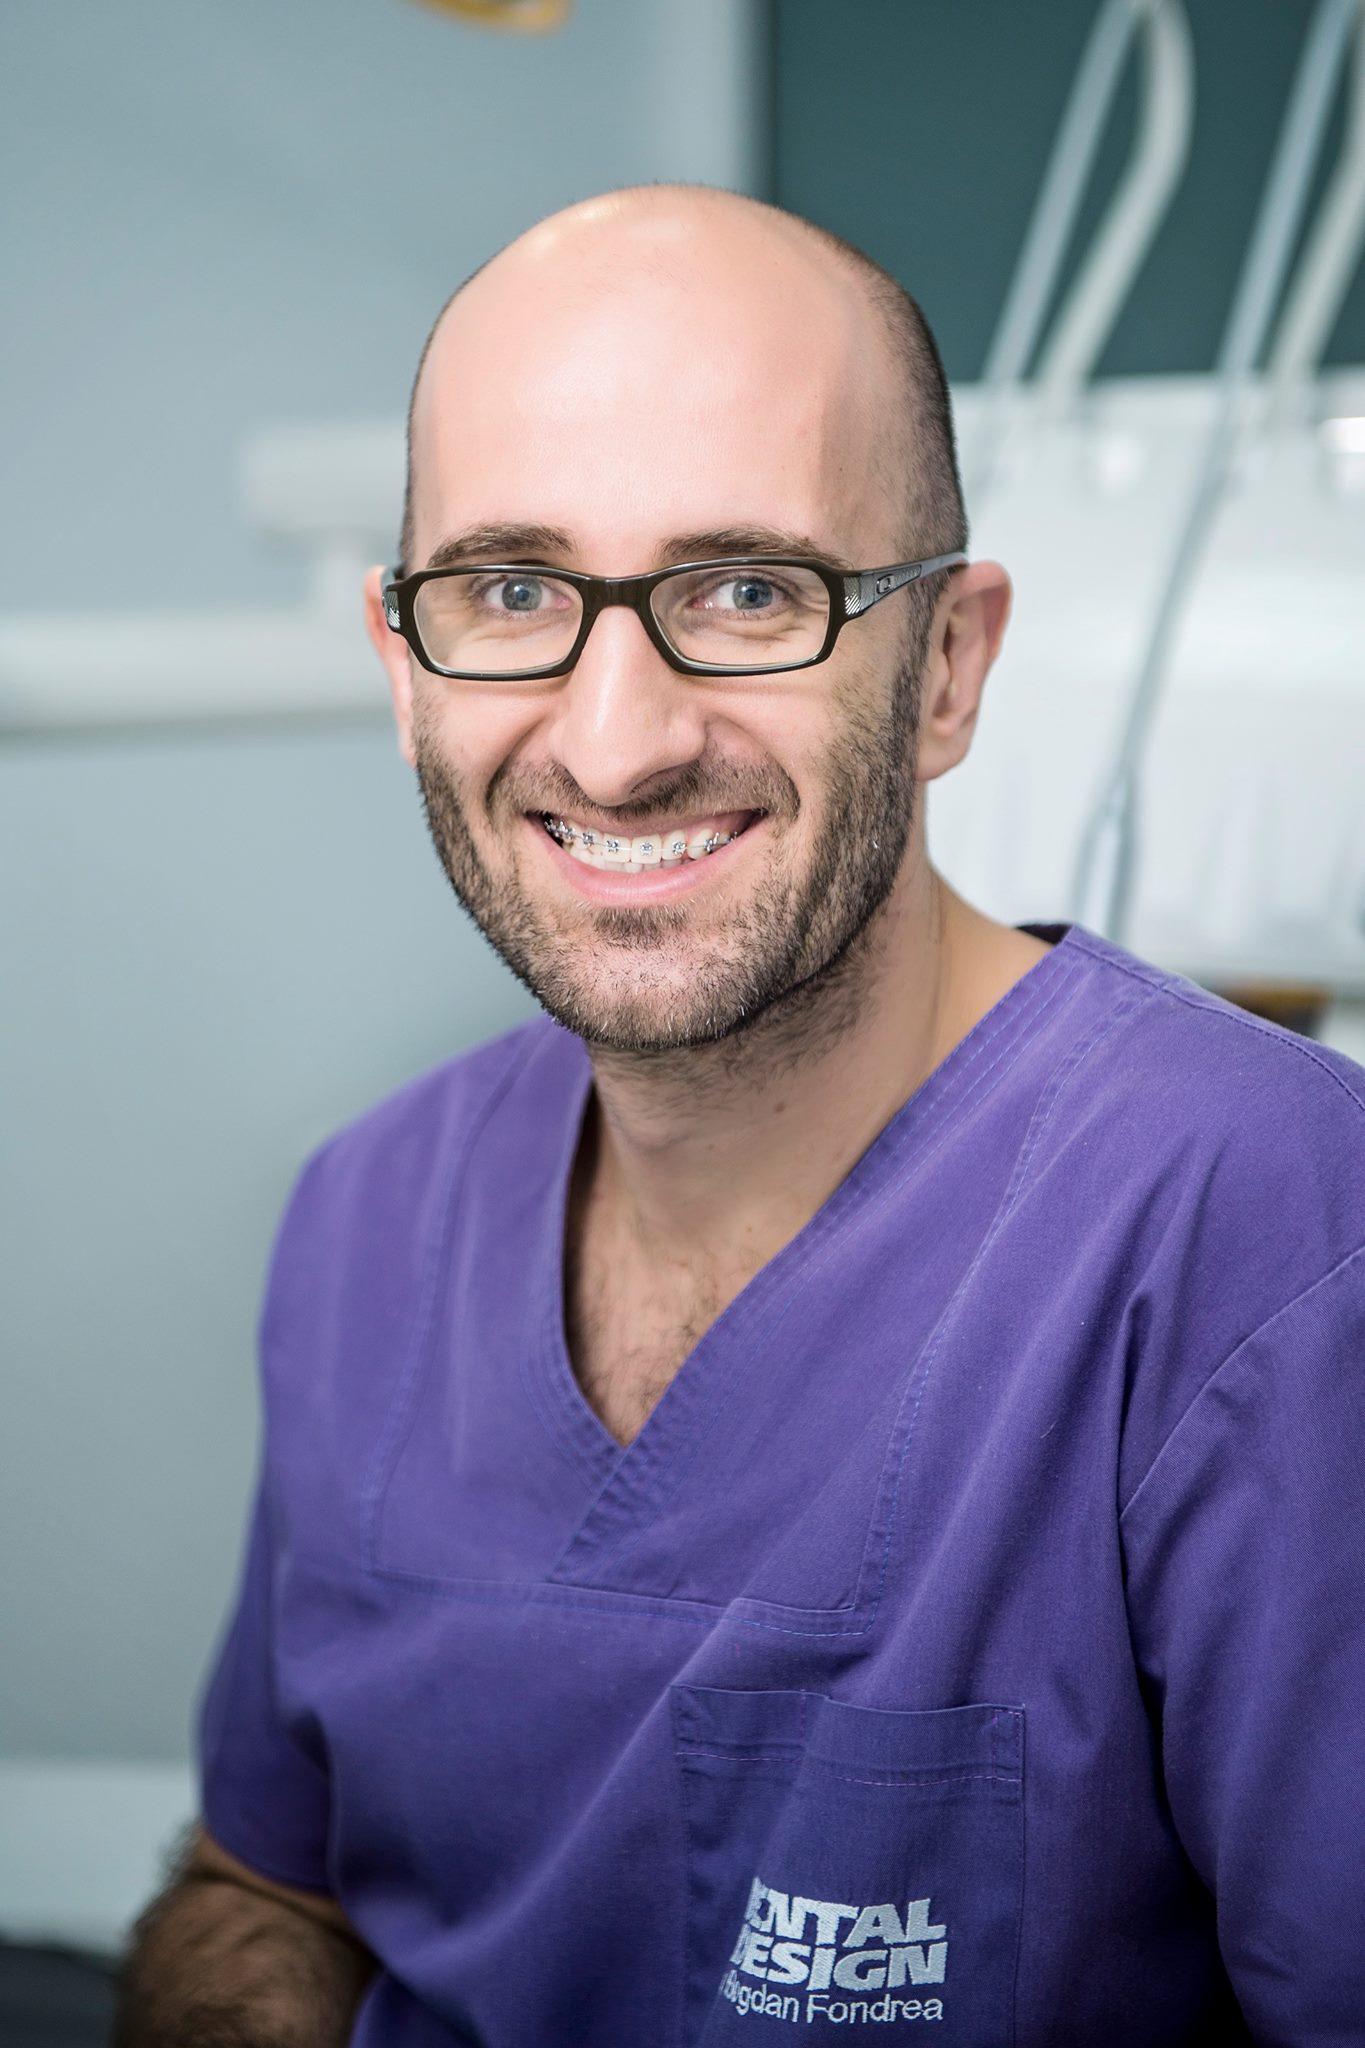 Dr. Bogdan Fondrea